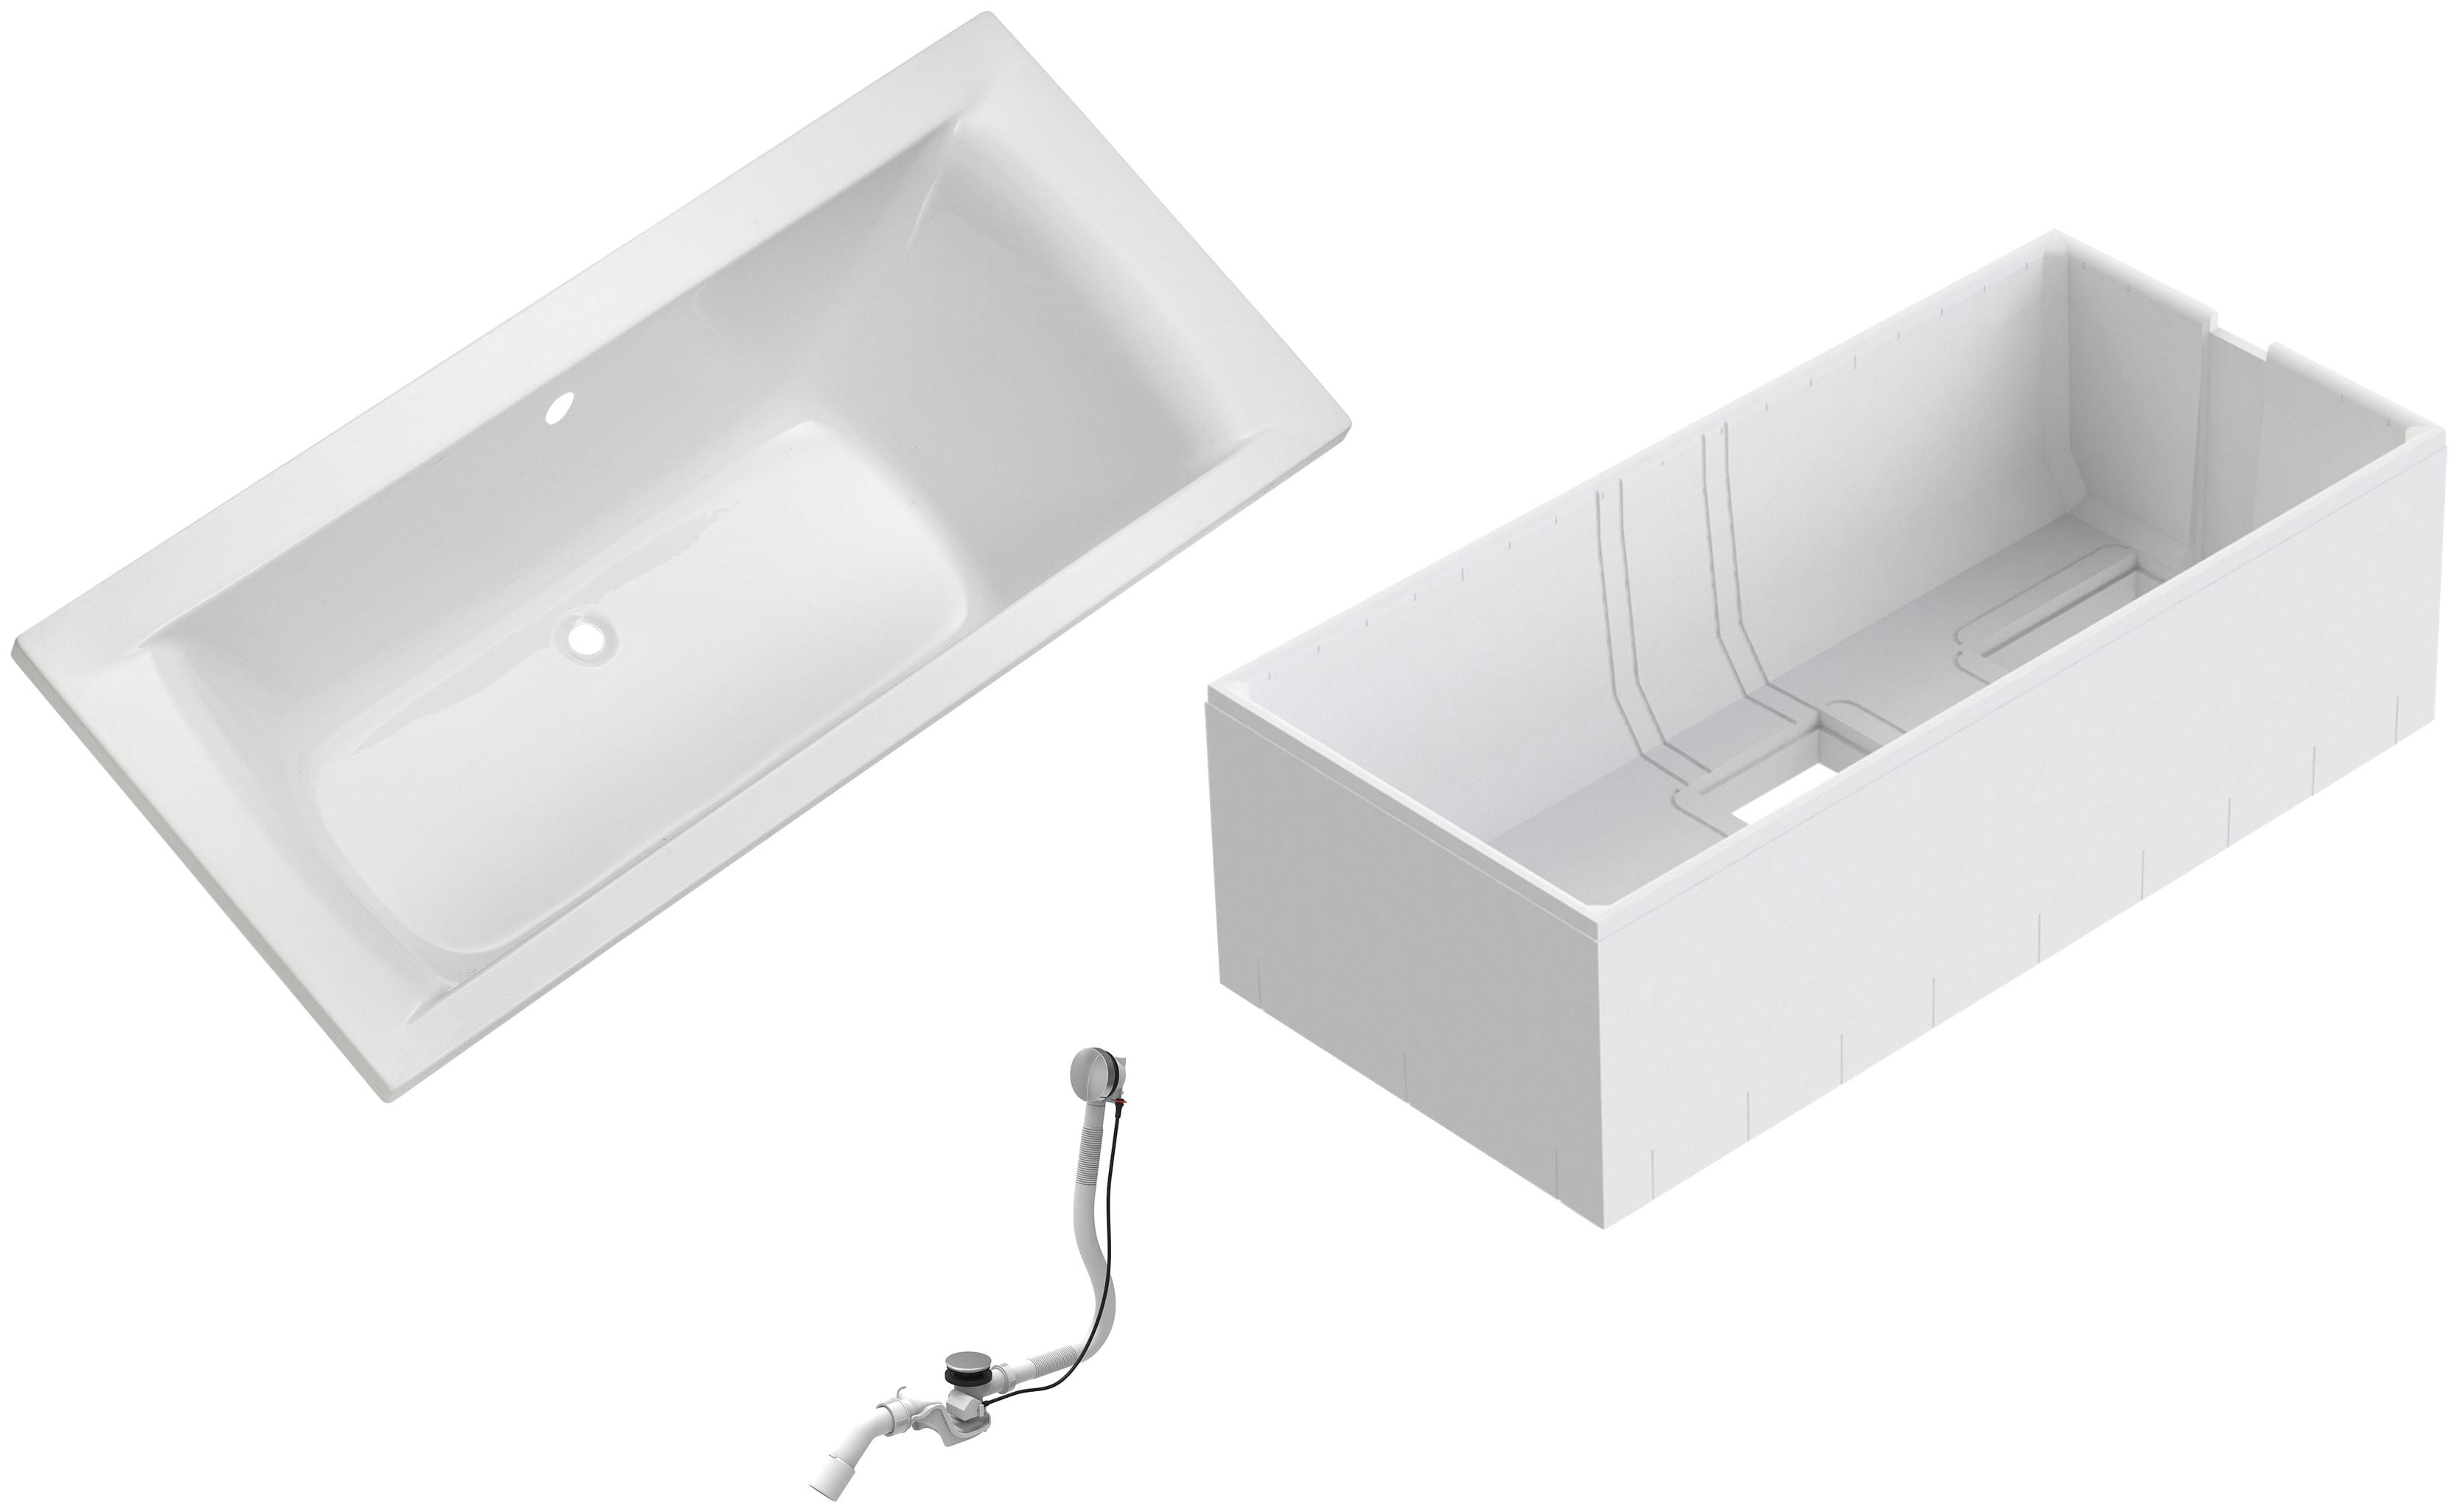 OTTOFOND Badewanne Set Duobadewanne, 1800/800 mm, Duobadewanne weiß Badewannen Whirlpools Bad Sanitär